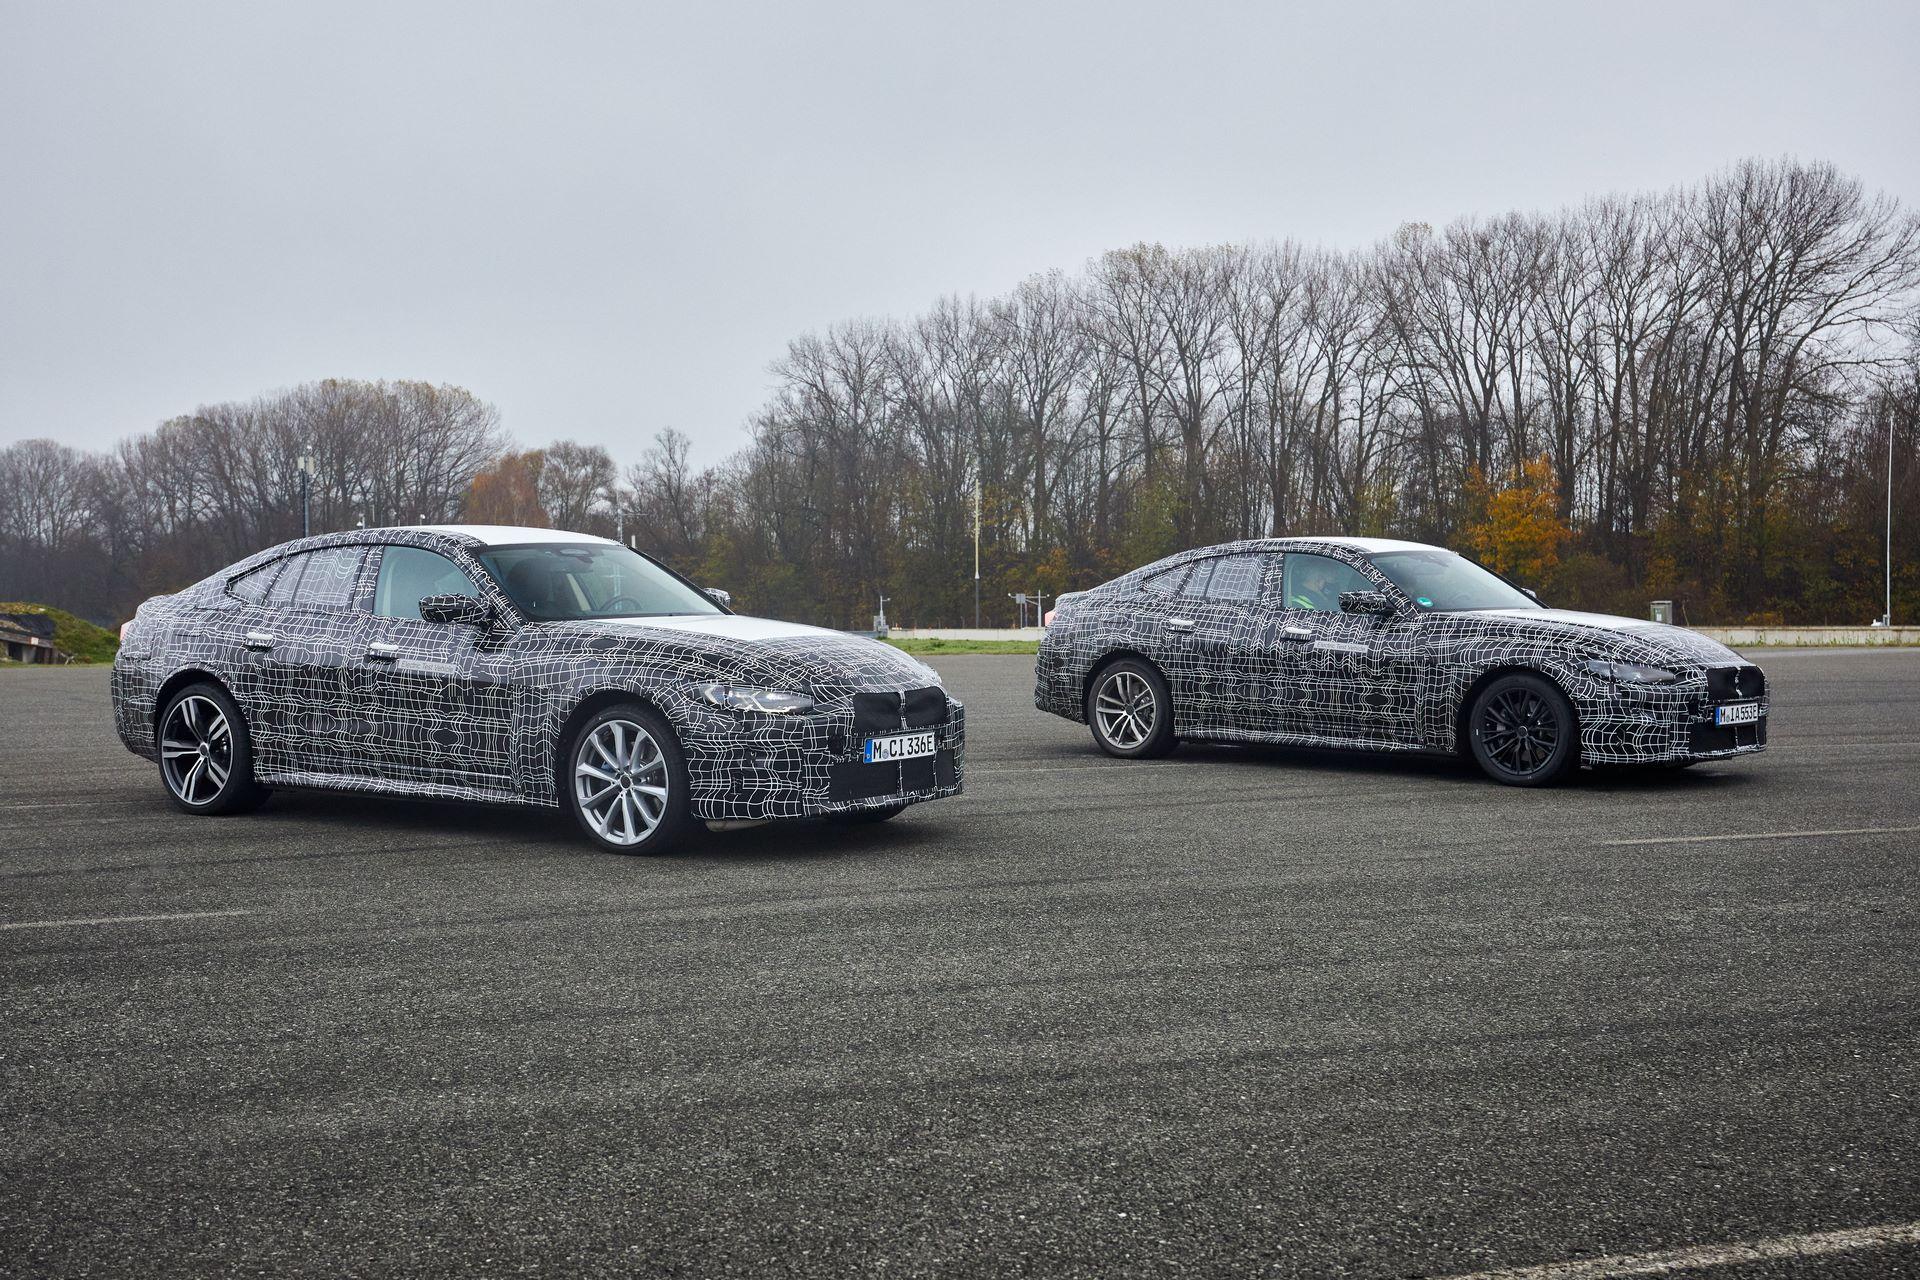 BMW-i4-spy-photos-3